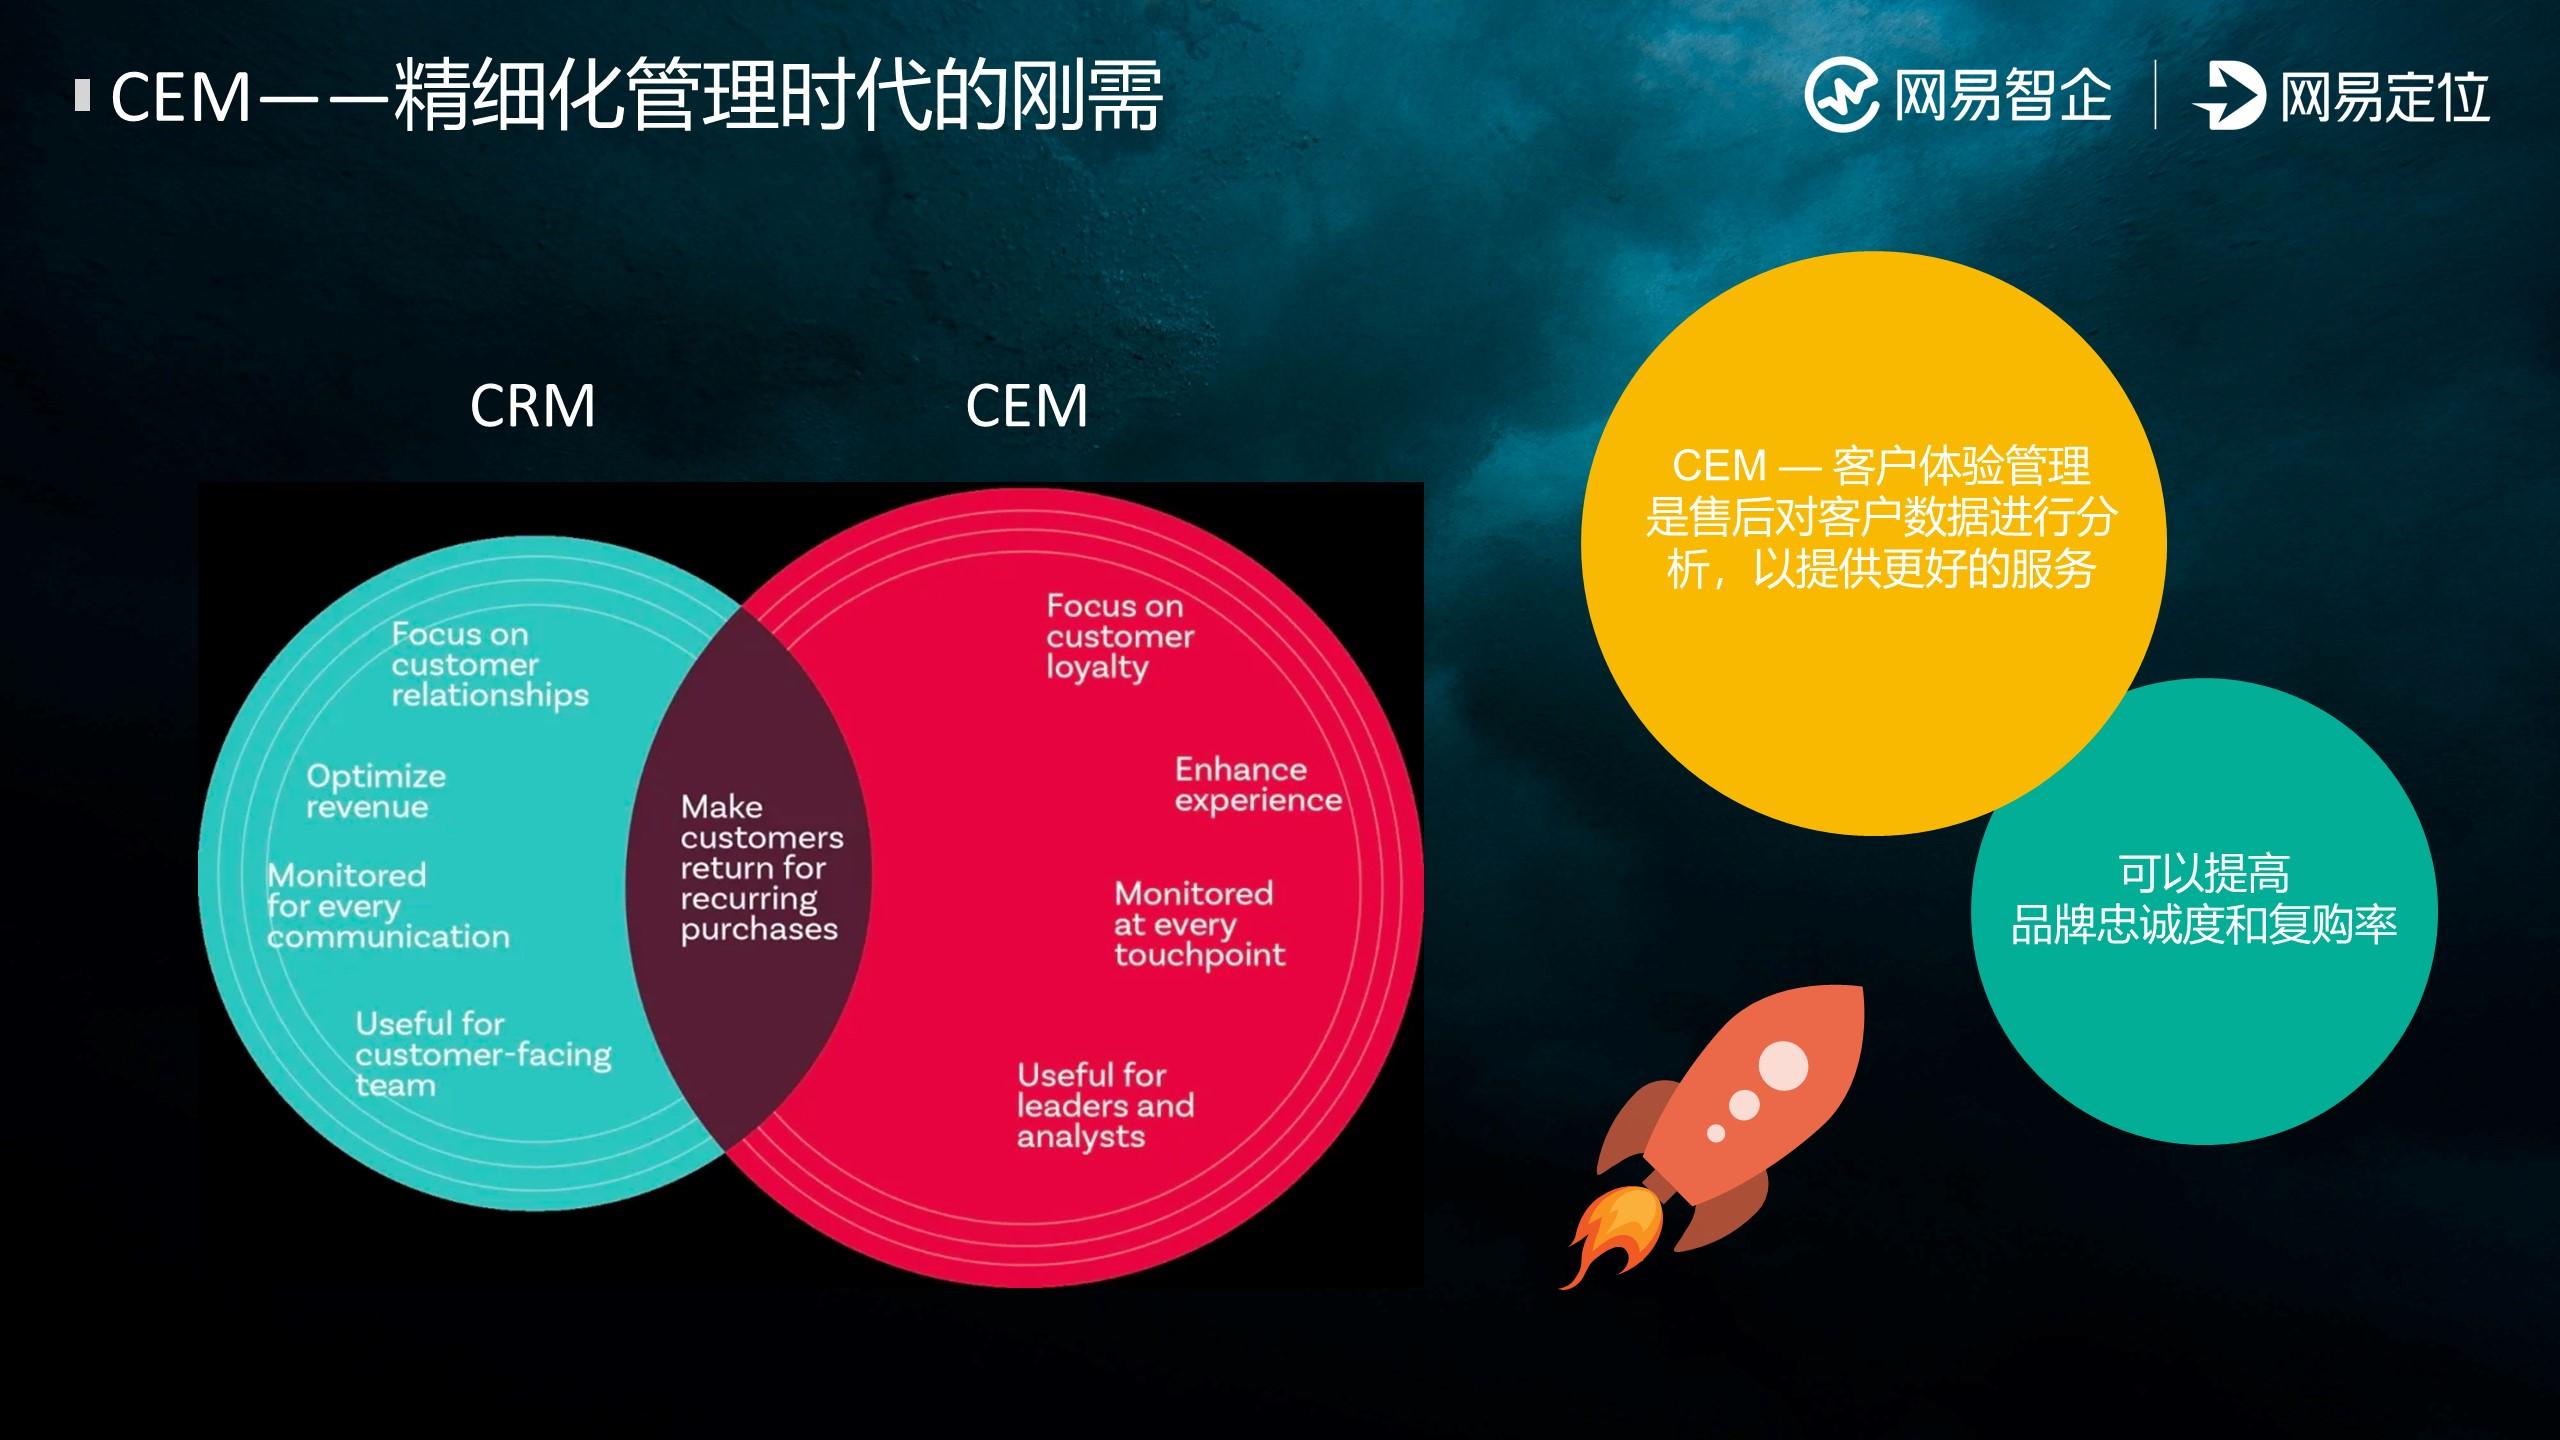 洞察消费者,激活营销增长新机遇!